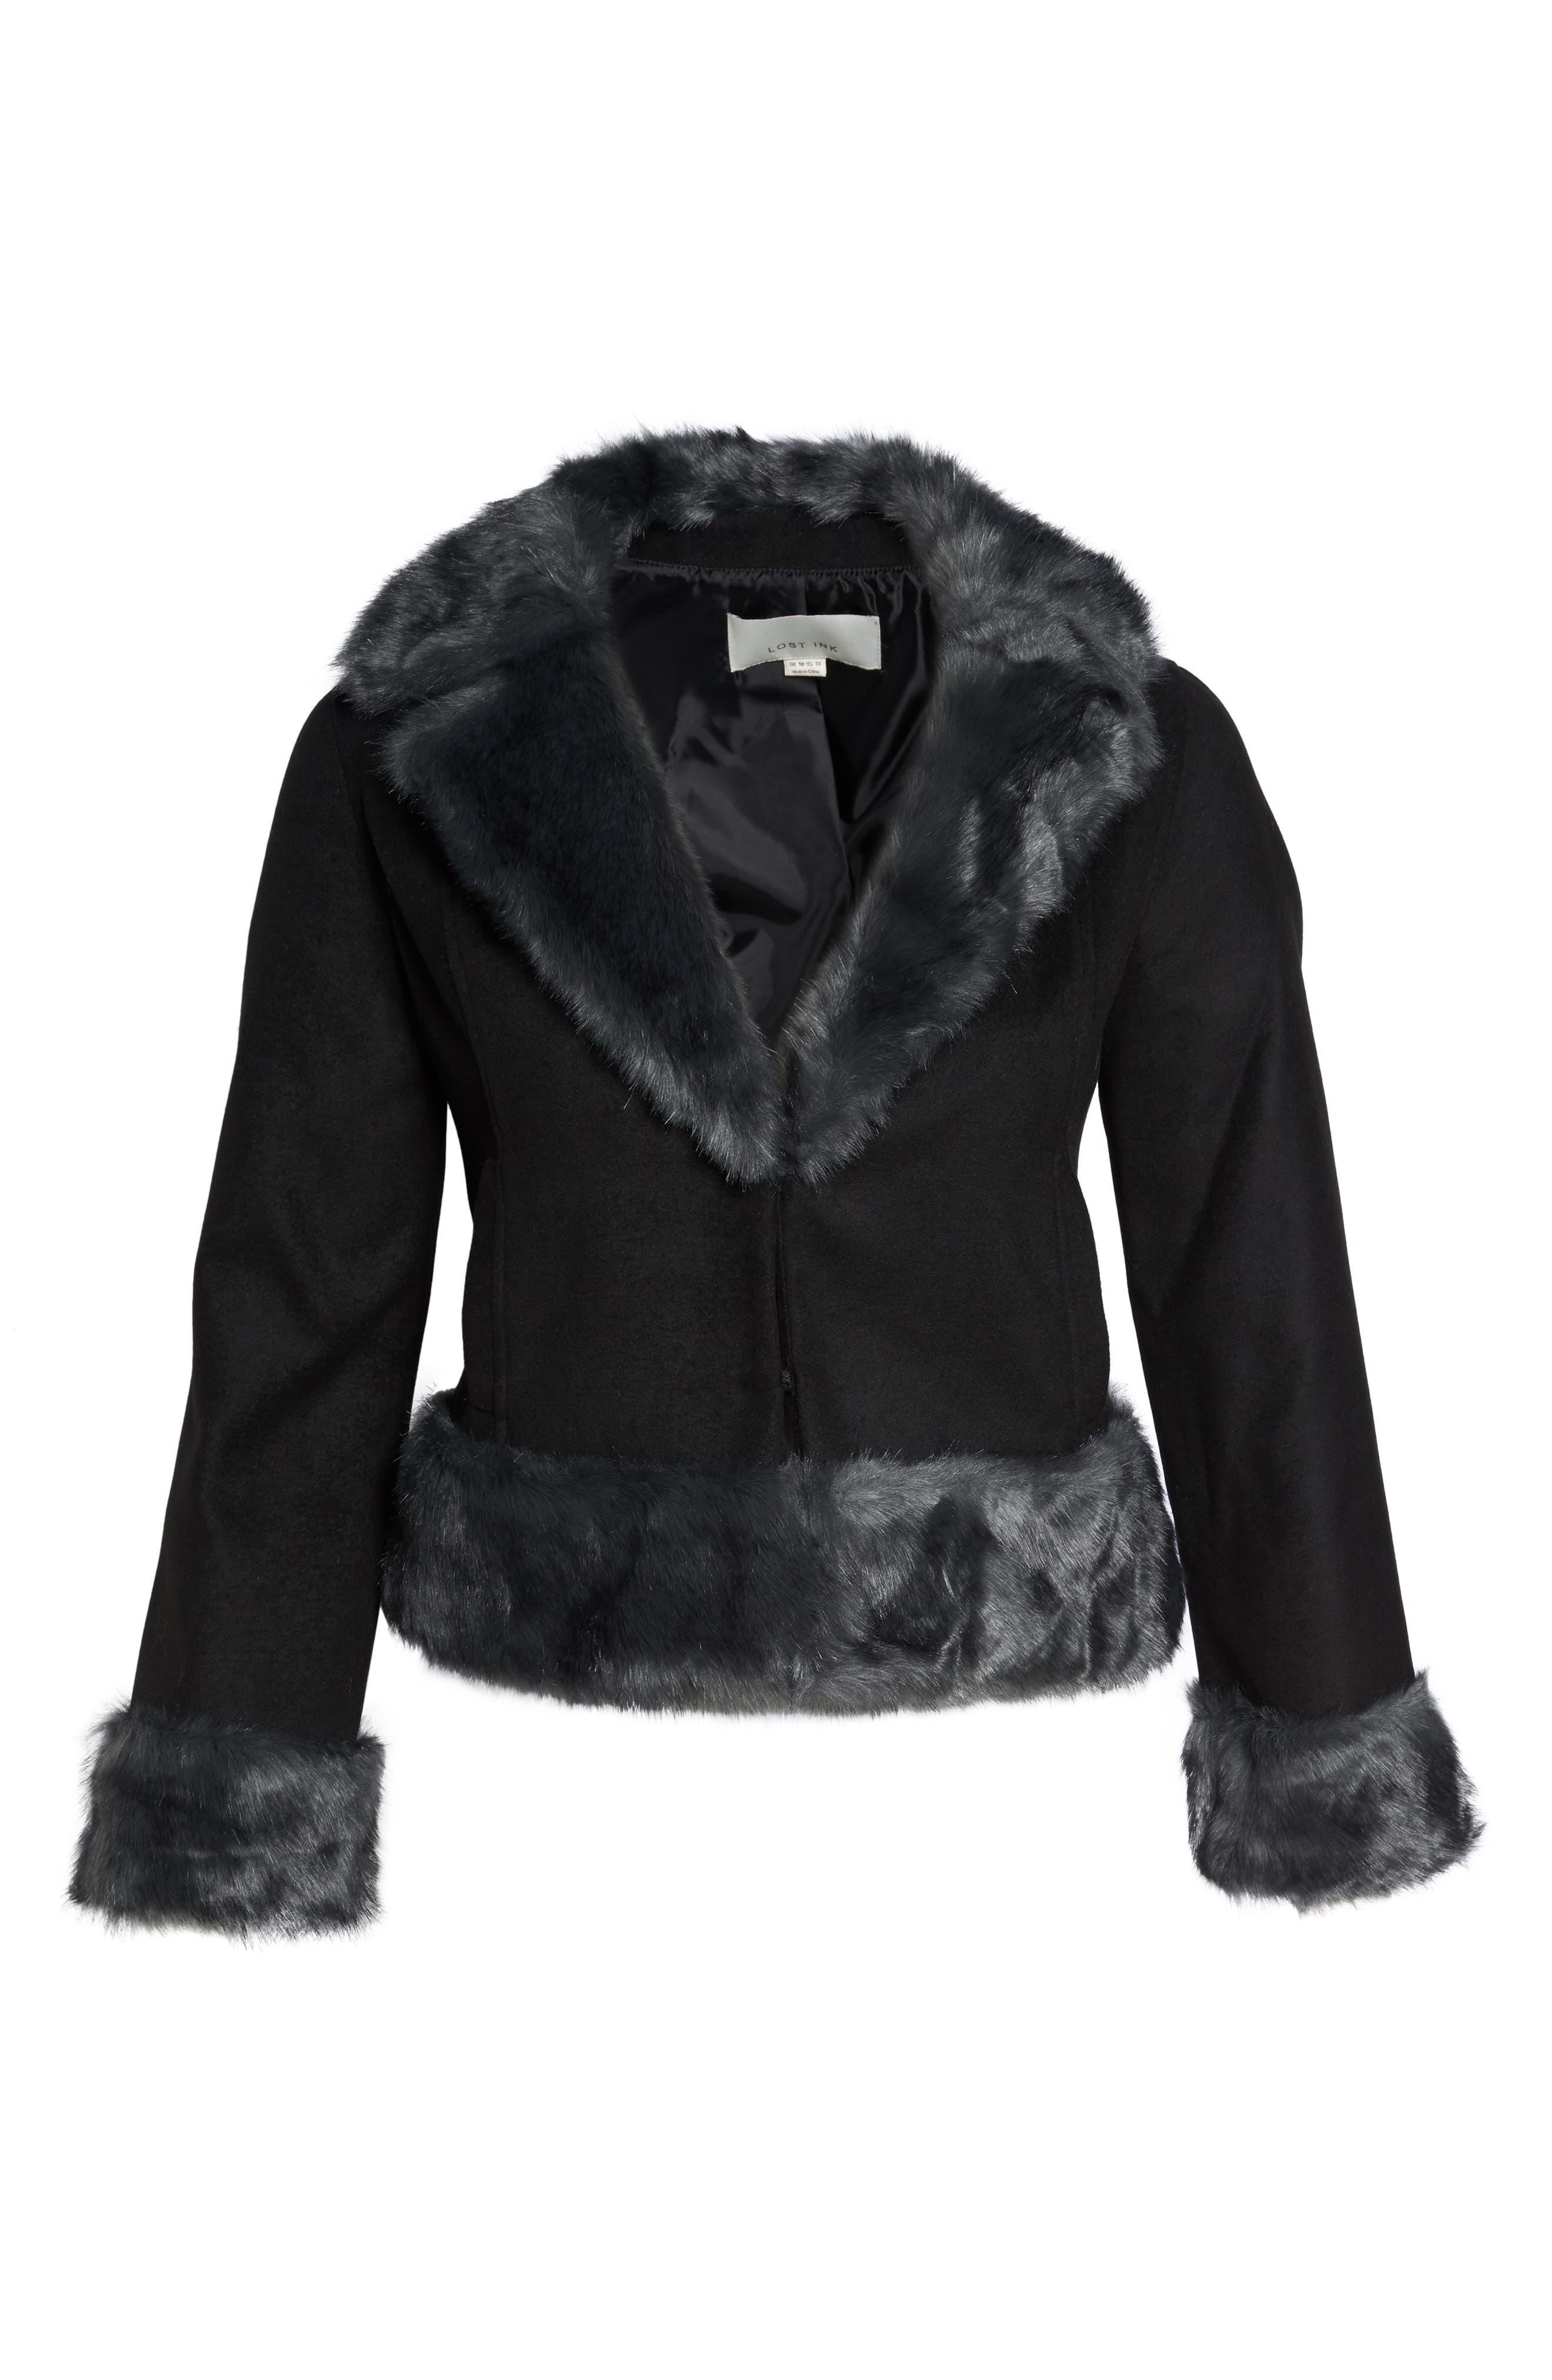 Jacket with Faux Fur Trim,                             Alternate thumbnail 6, color,                             Black